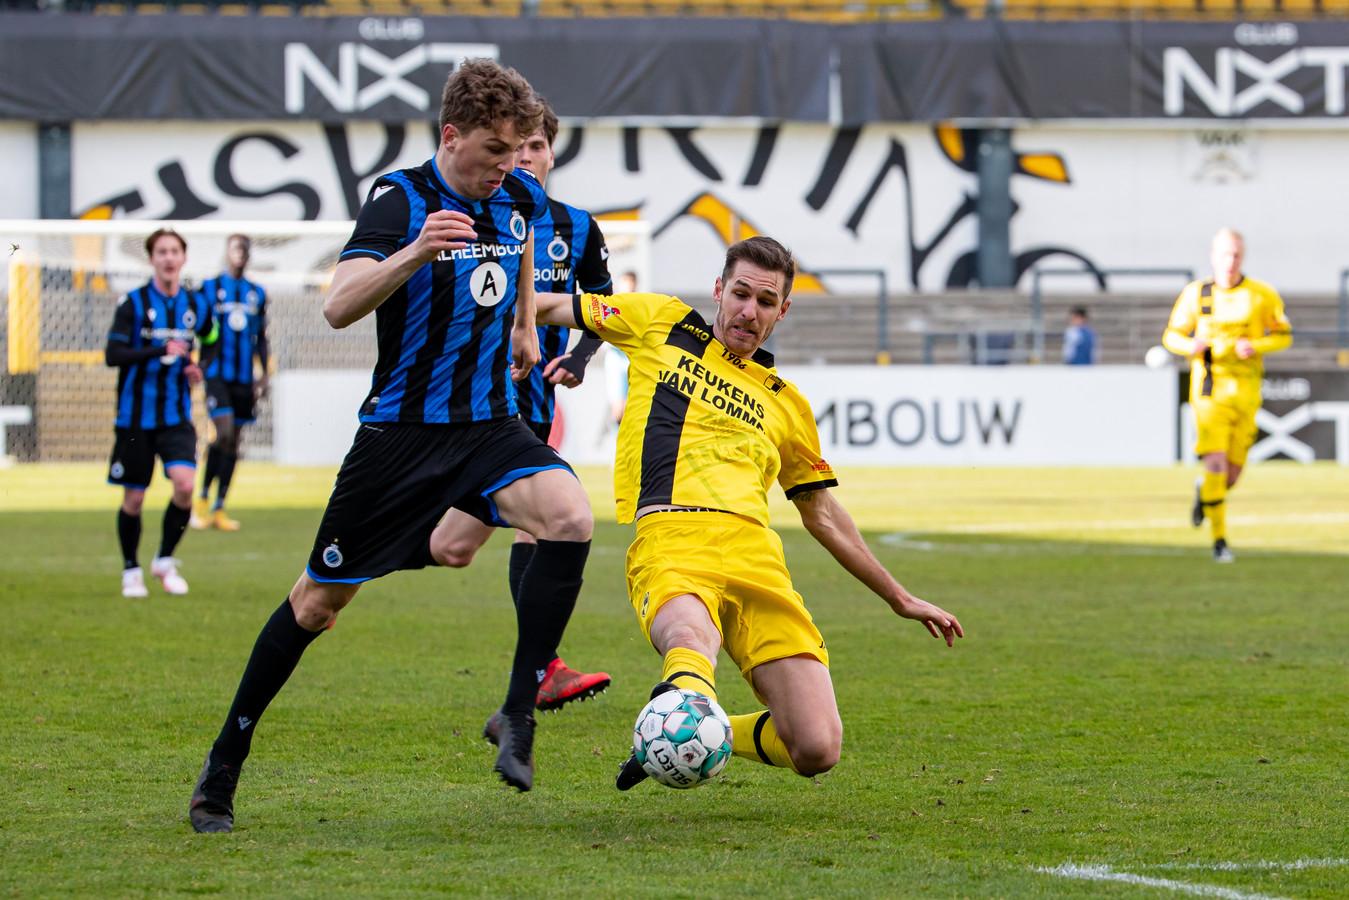 Lierseverdediger Jef Van der Veken zet een tackle in op Bruggeling Arne Engels.